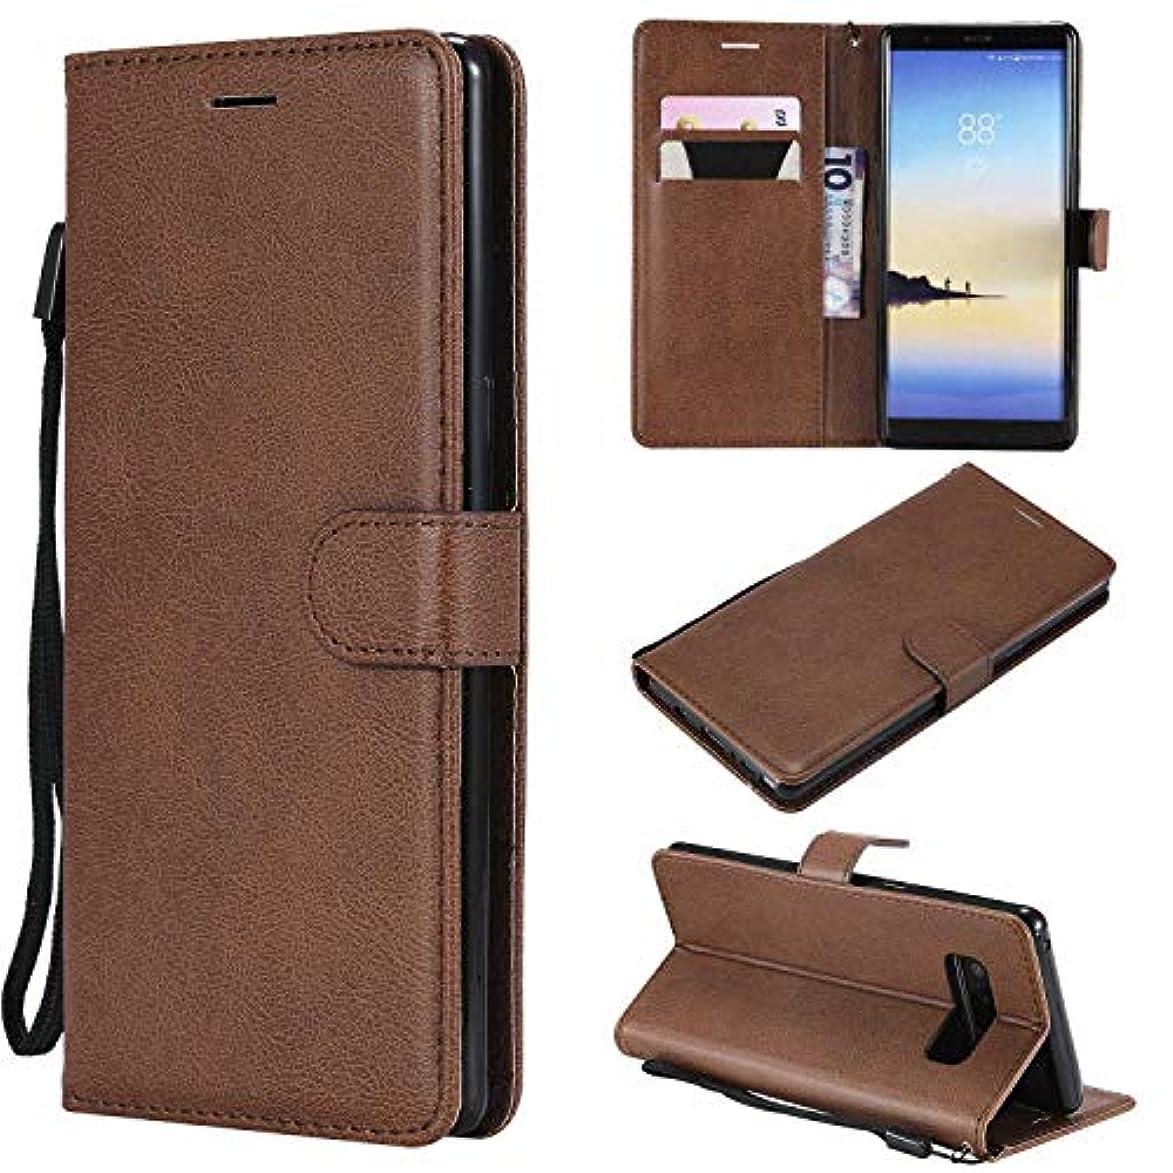 ひまわり器具レジGalaxy Note 8 ケース手帳型 OMATENTI レザー 革 薄型 手帳型カバー カード入れ スタンド機能 サムスン Galaxy Note 8 おしゃれ 手帳ケース (1-ブラウン)